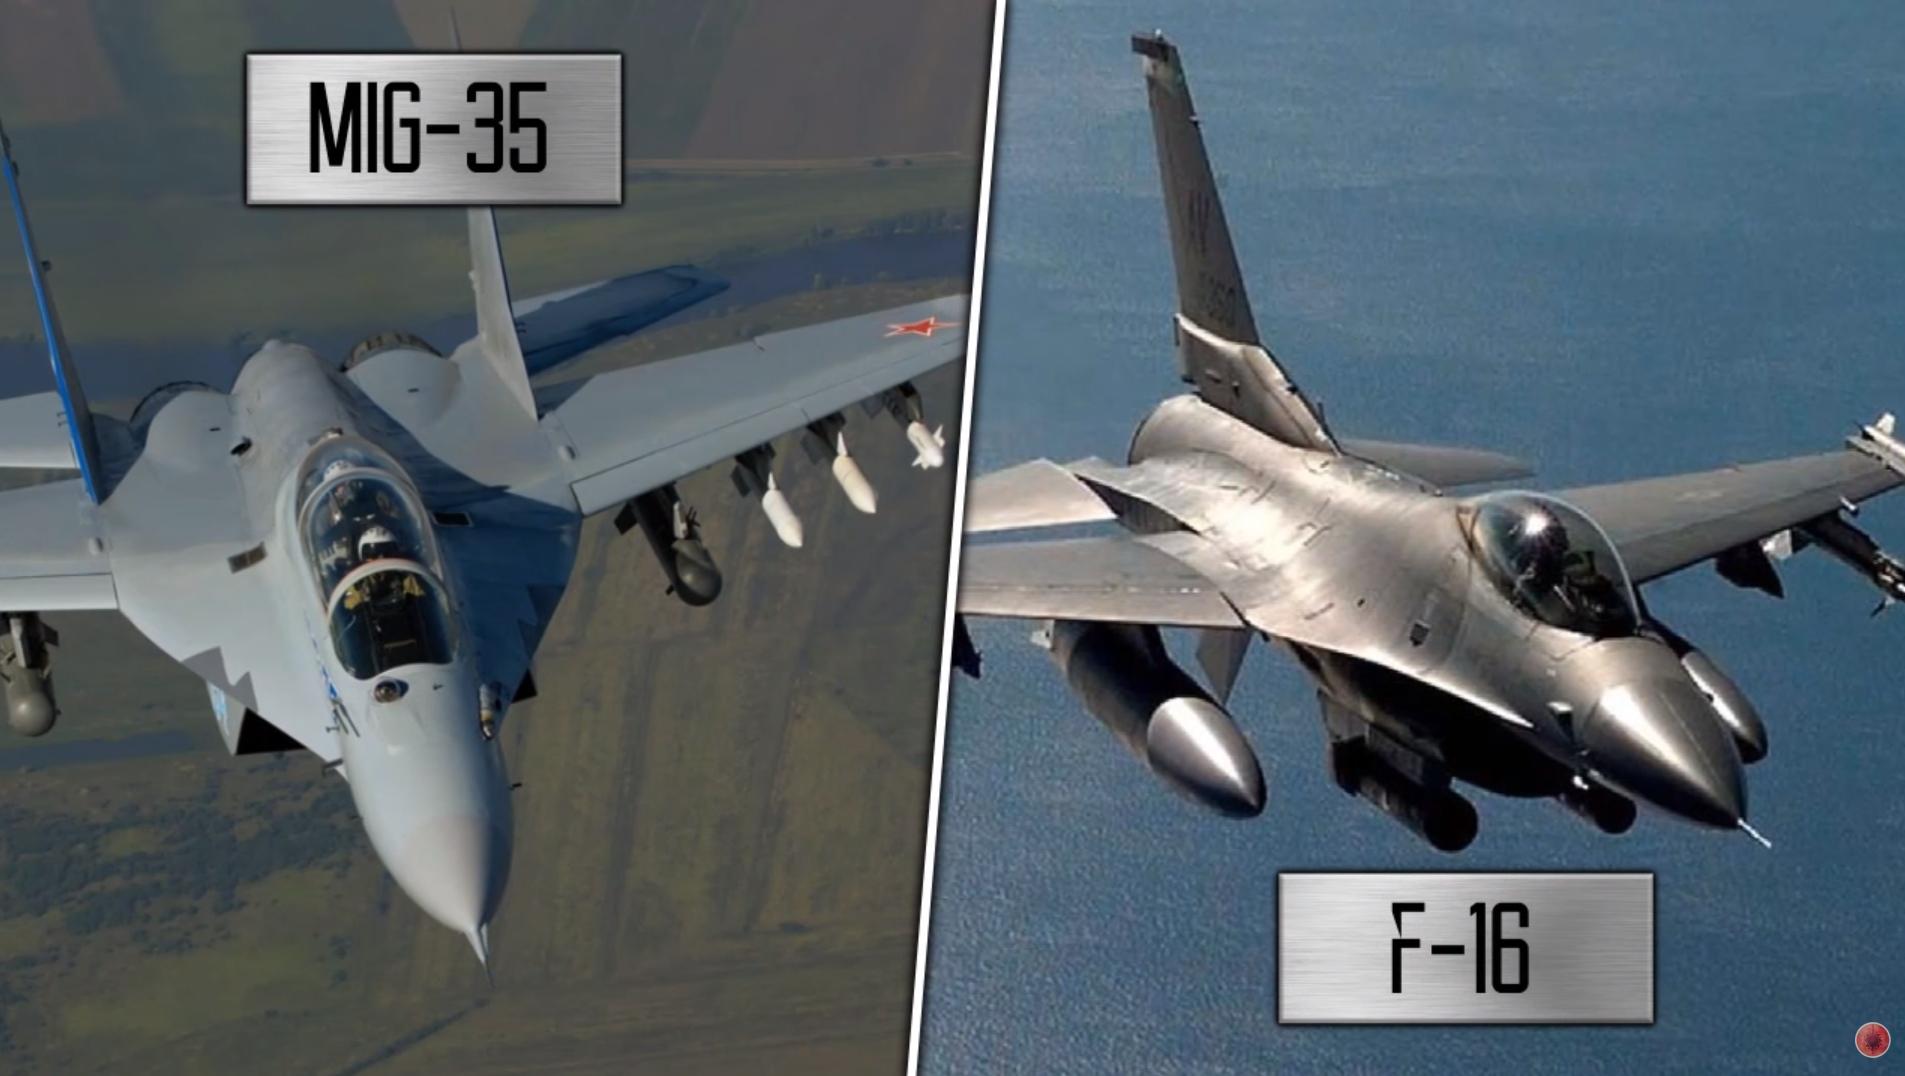 MiG-35xF-16